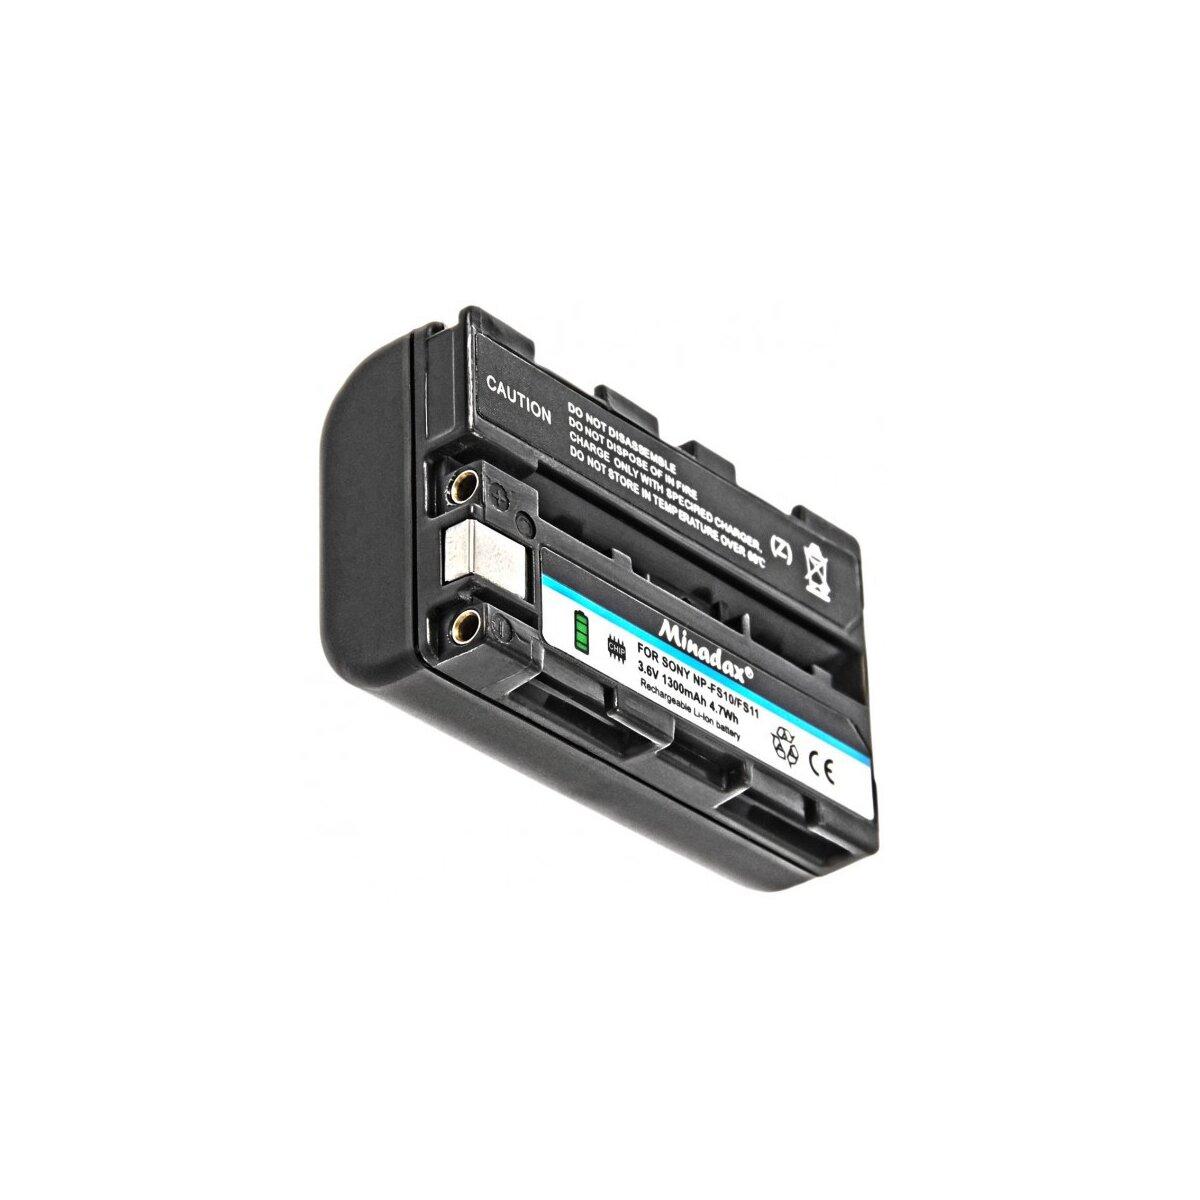 Minadax Qualitaetsakku mit echten 1300 mAh kompatibel für Sony DCR-PC2 PC3 PC4 PC5 TRV1VE F55K F55V IP220 IP5 IP55 IP7 PC1 etc. Ersatz für NP-FS11 - Intelligentes Akkusystem mit Chip